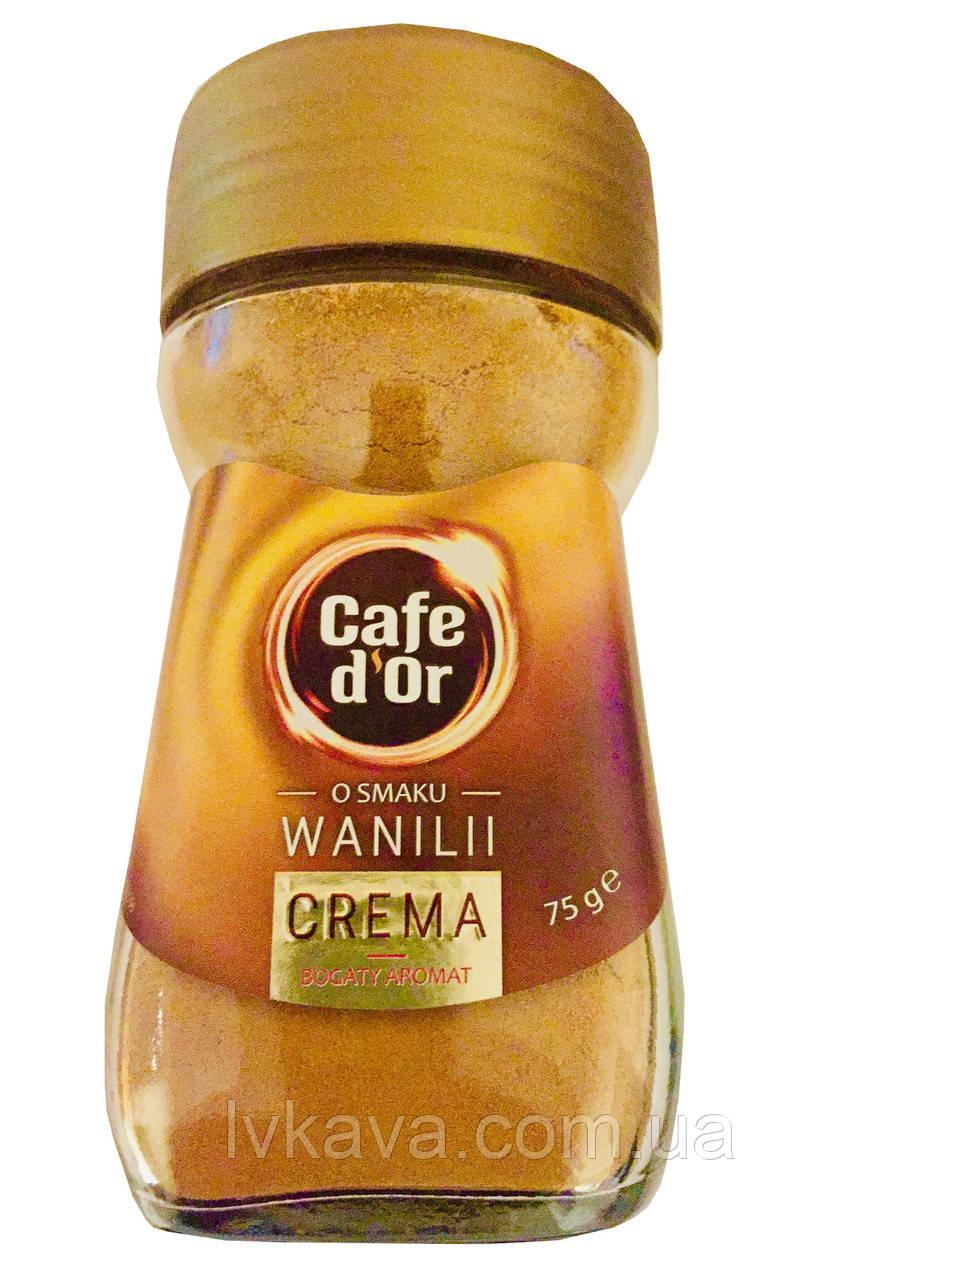 Кофе растворимый Cafe d Or Crema со вкусом ванили , 75 гр